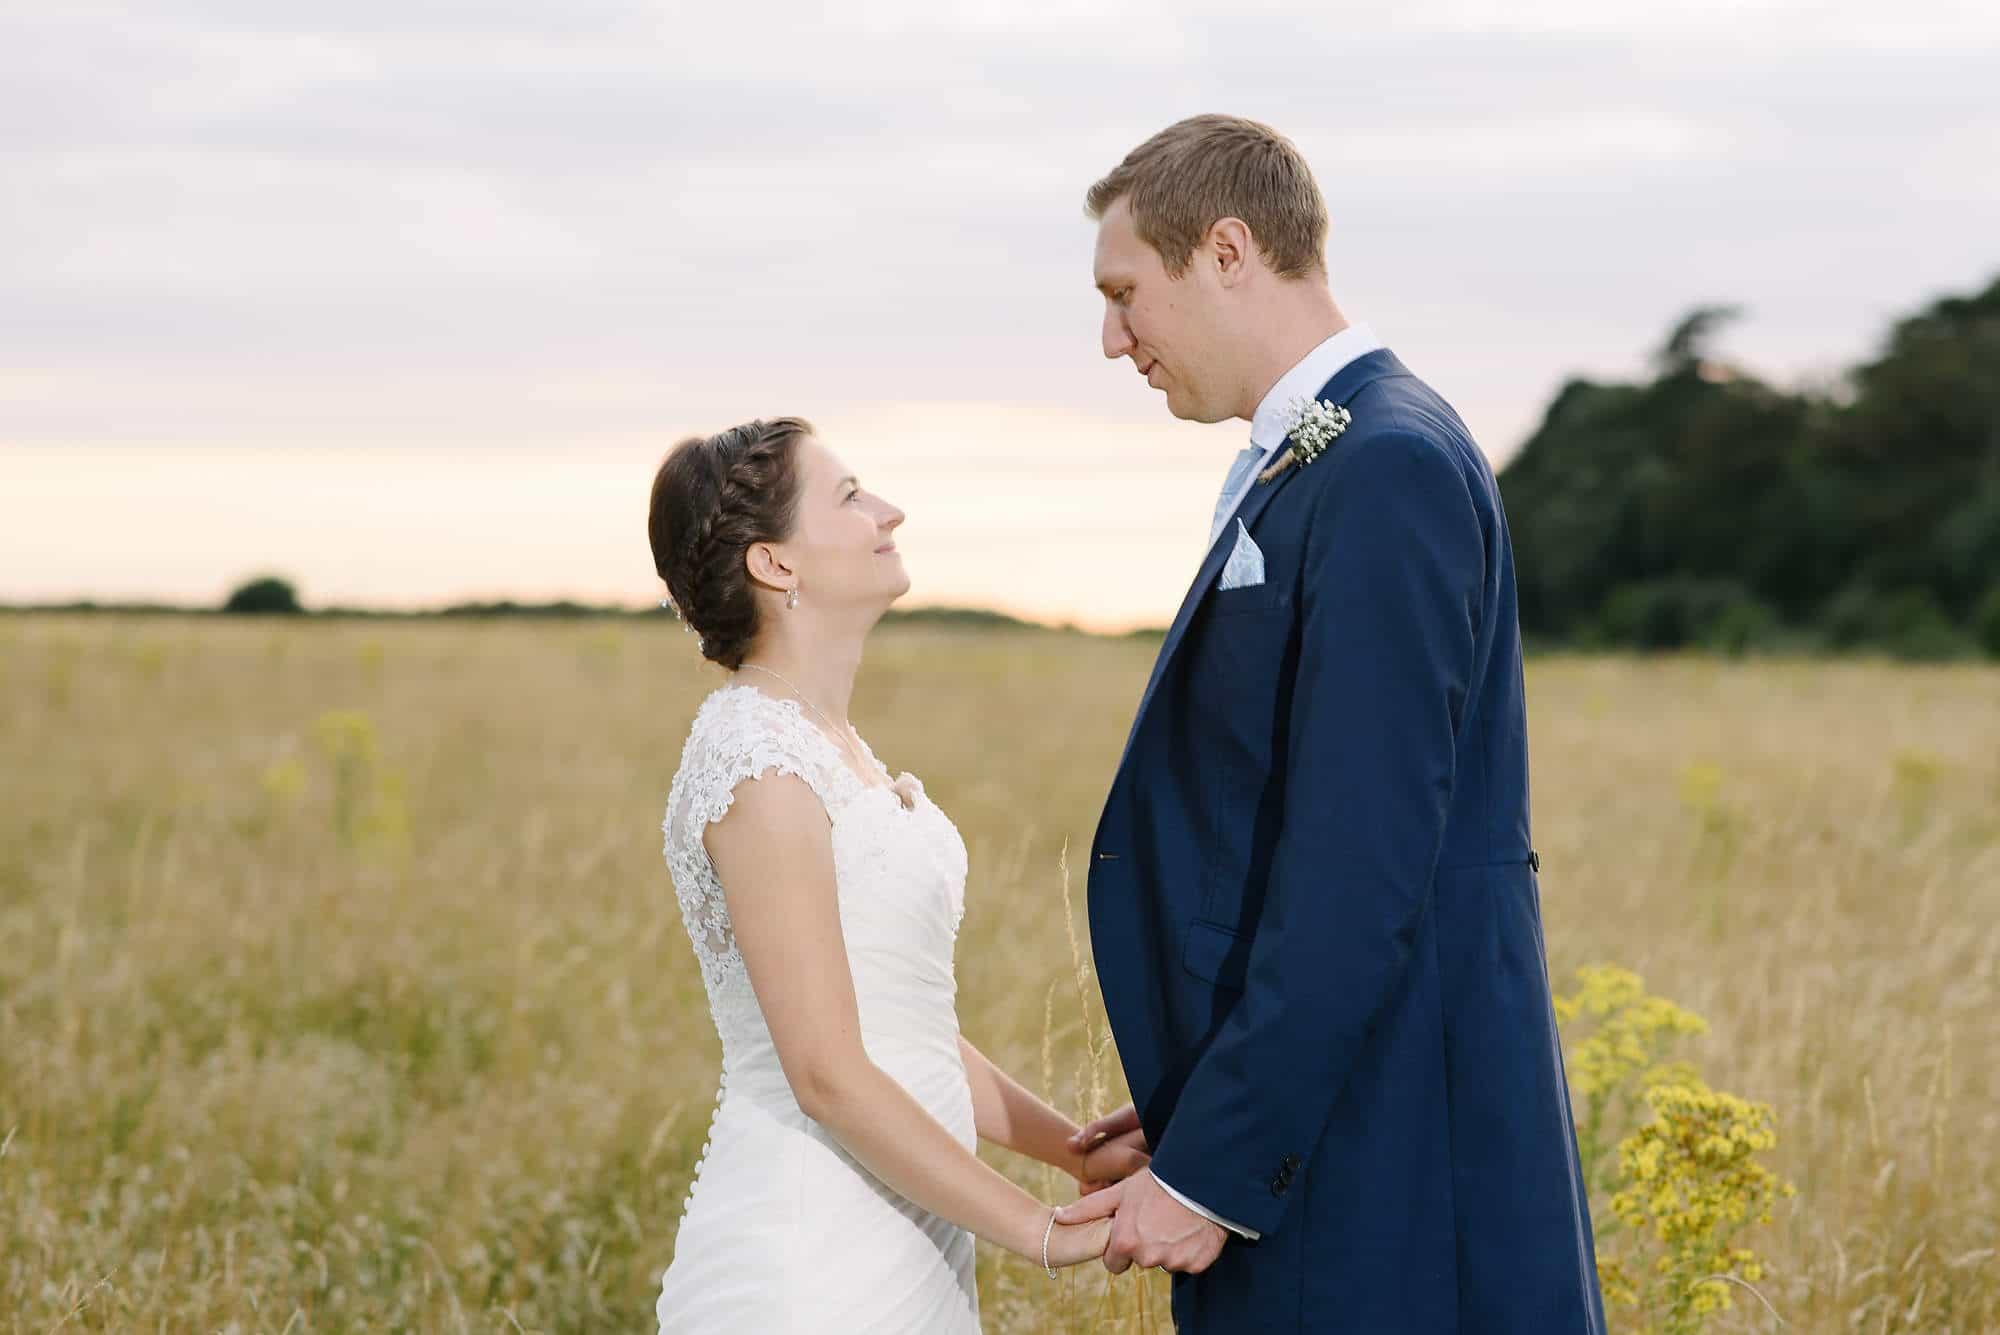 Matt & Natalie - Kings Lynn Wedding 10